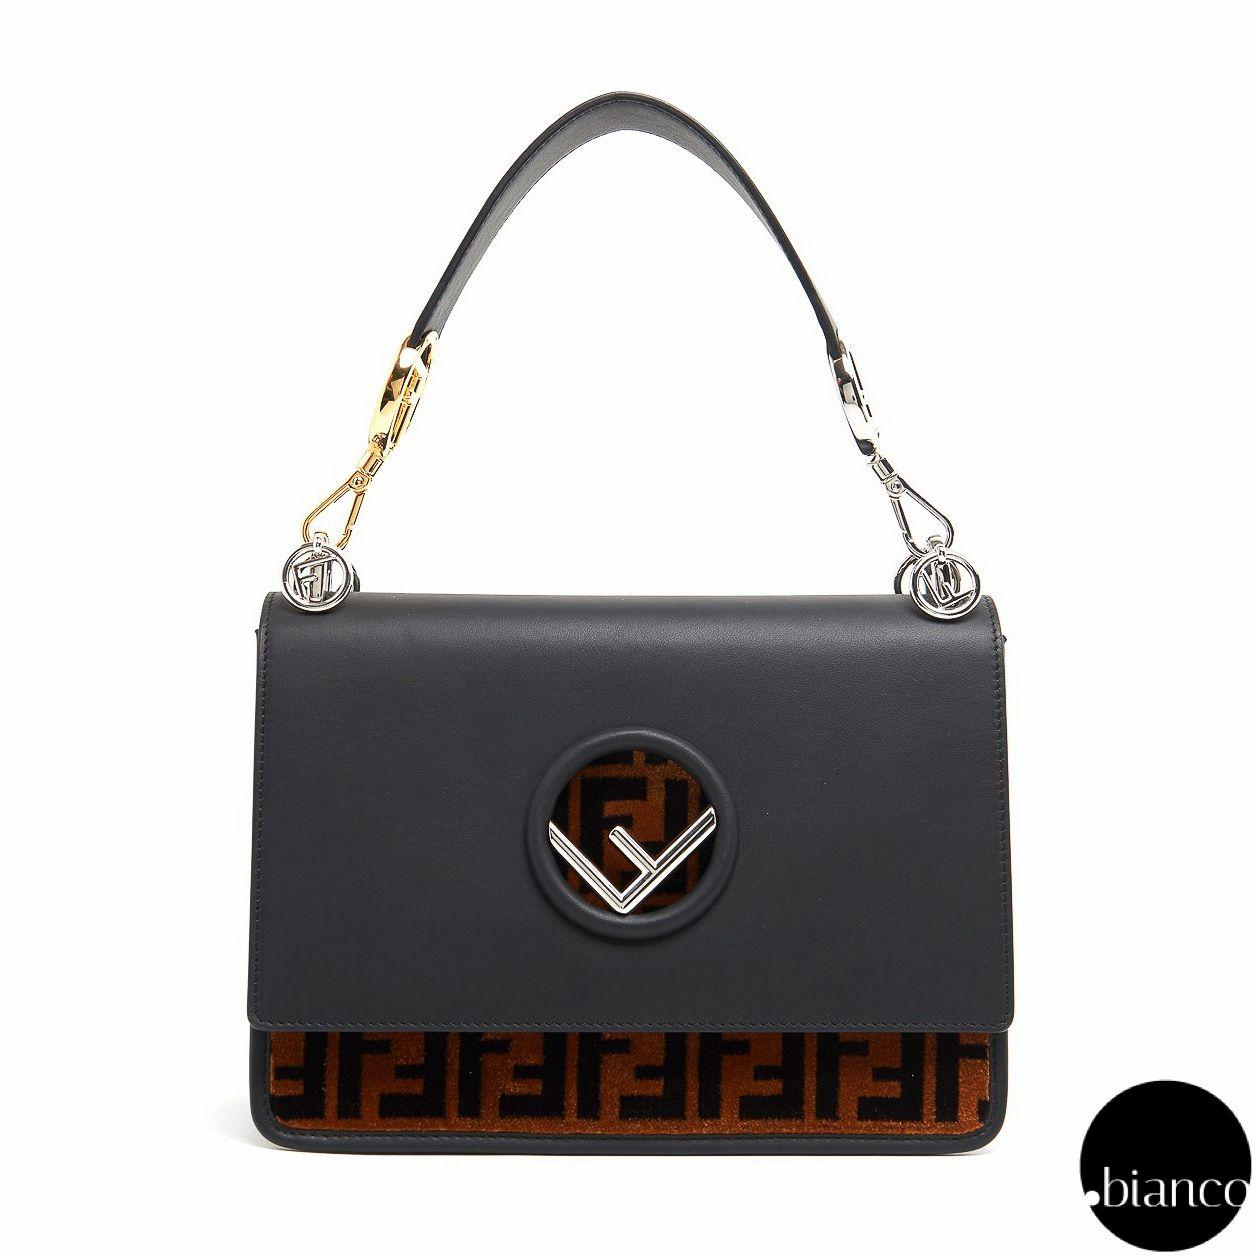 4eacf3a1943b FENDI Shoulder Bags Monoglam Calfskin 2WAY Bi-color Elegant Style Shoulder  Bags